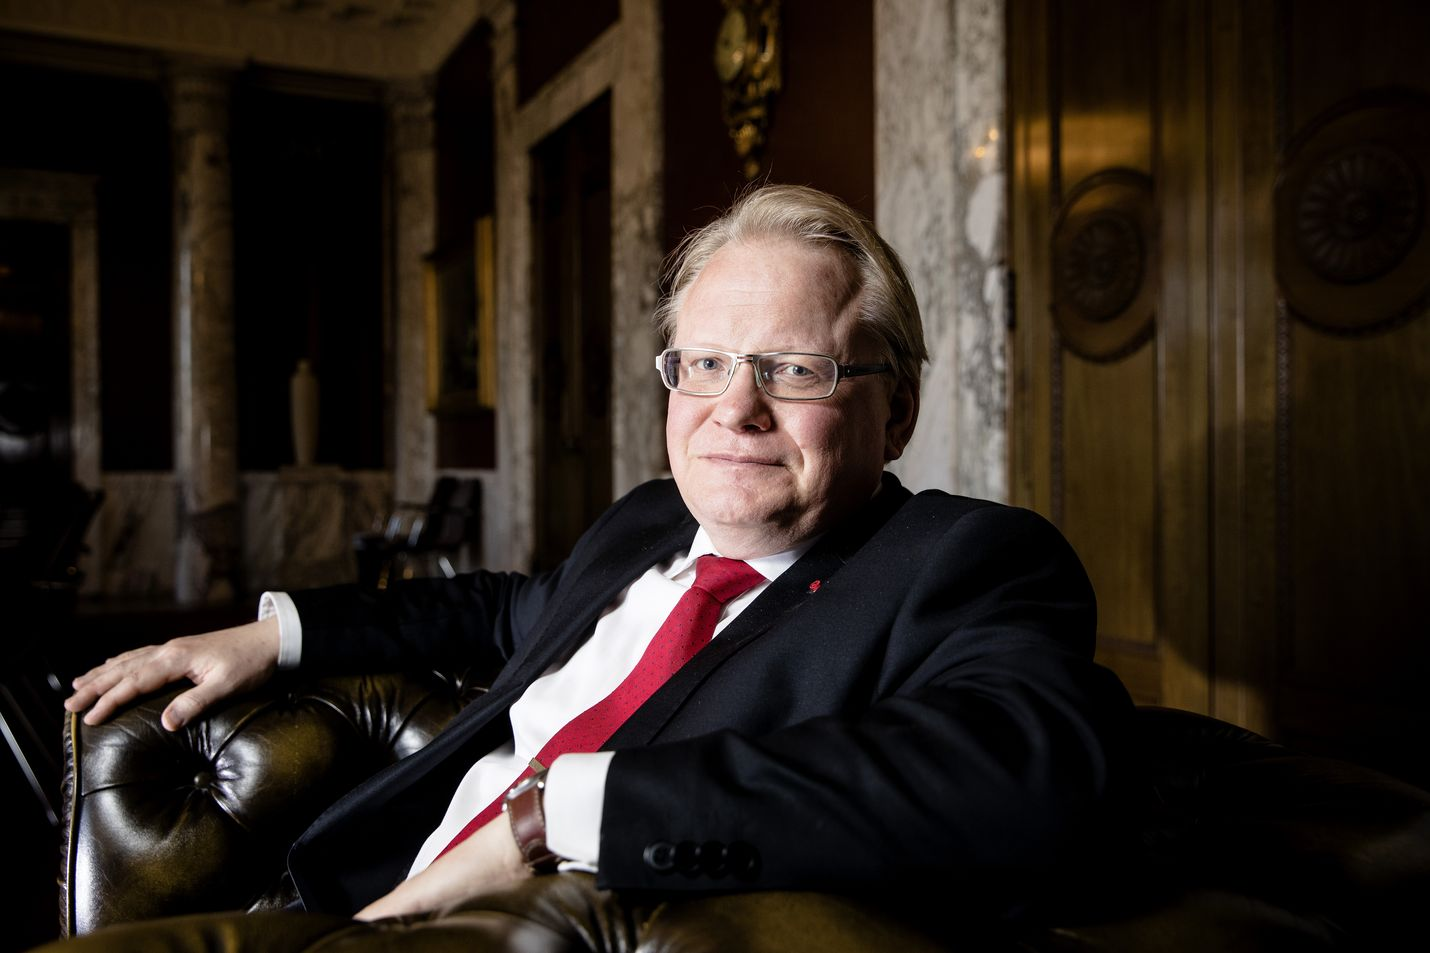 Ruotsin puolustusministeri Peter Hultqvistin mukaan maa pysyy liittoutumattomana ja syventää puolustusyhteistyötä Suomen kanssa. Hultqvistin äiti on kotoisin Kuusamosta ja siirtyi Ruotsiin sotalapsena.